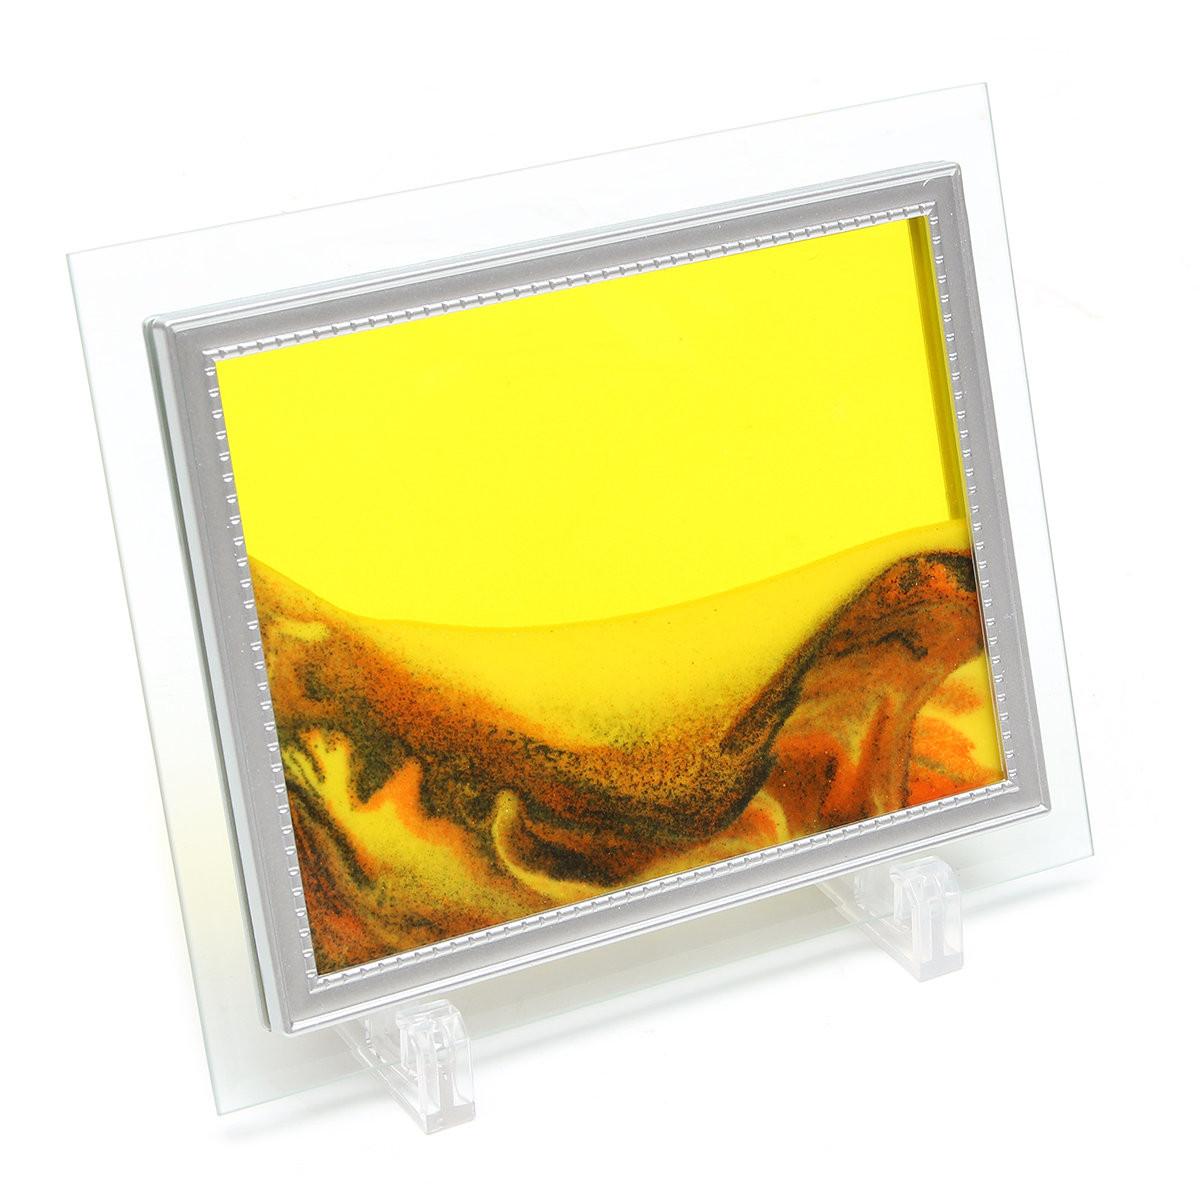 Песочная картина  - Цвет - оранжево-желтый  - 13*17см